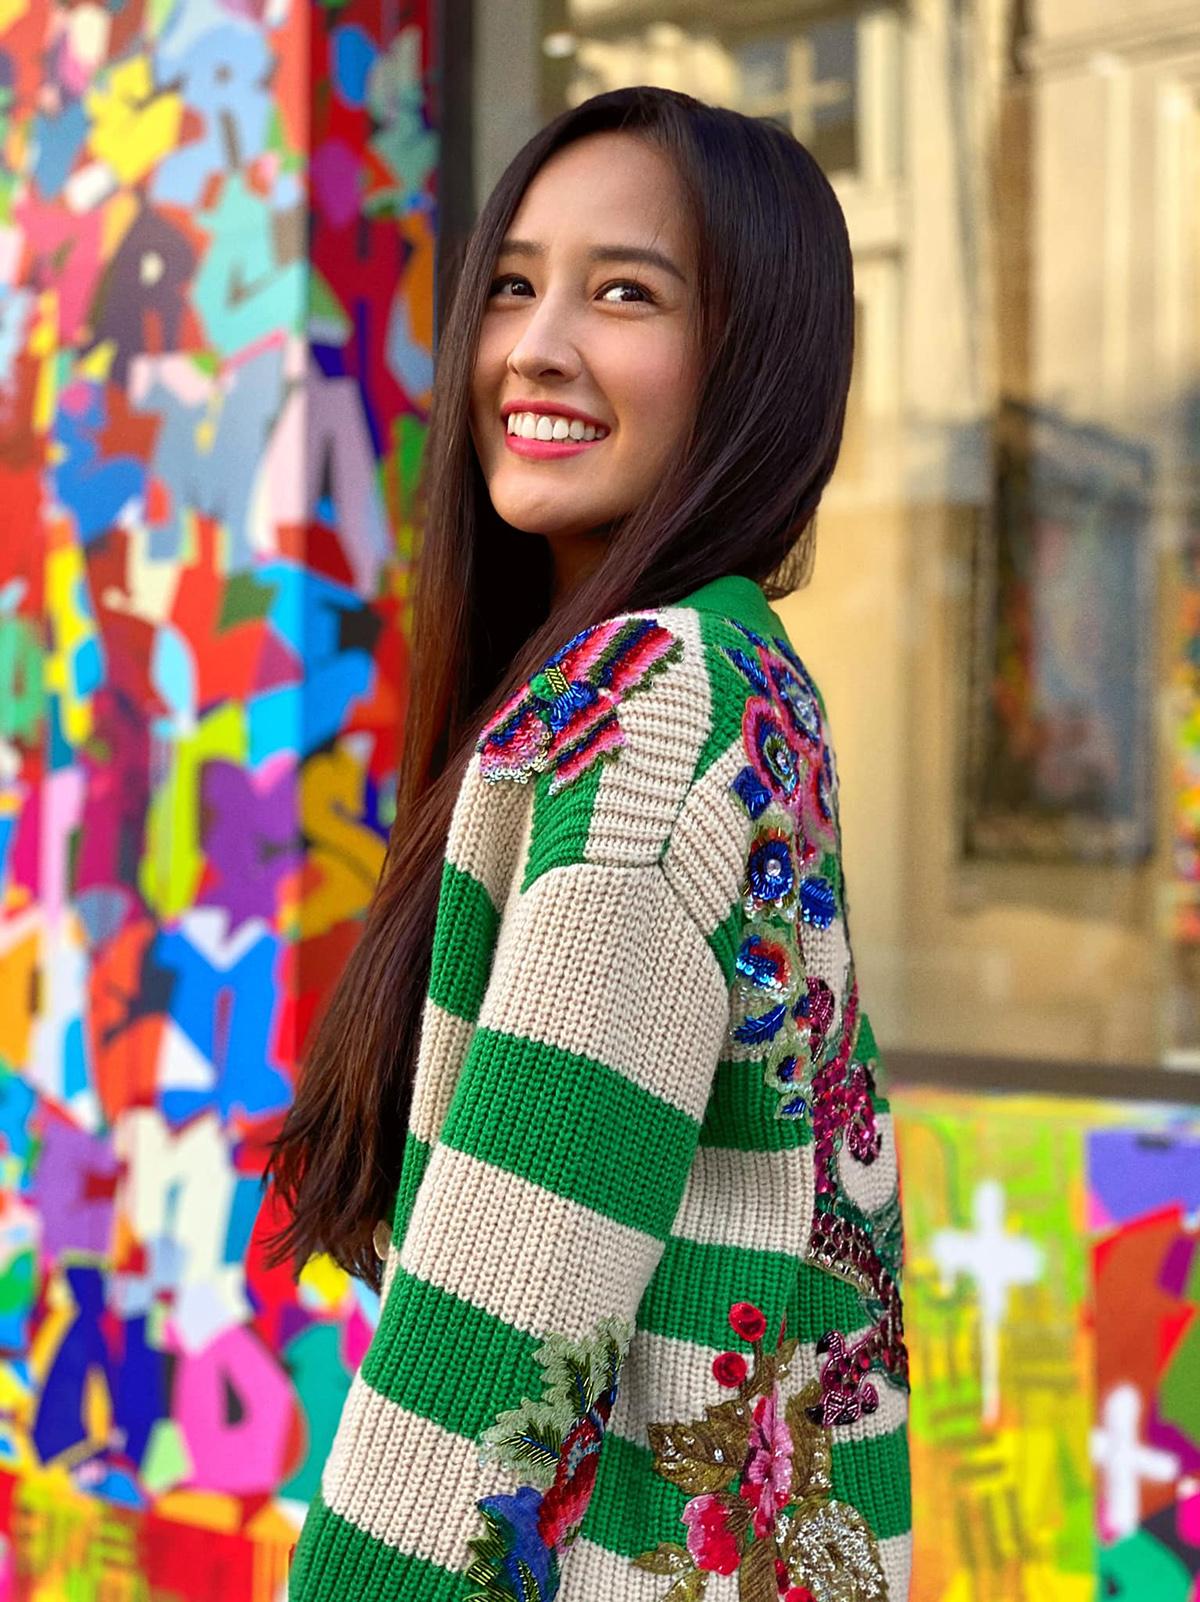 Xuống phố Hà Nội dịp cuối tuần, Mai Phương Thúy diện chiếc cardigan màu sắc để phù hợp với thời tiết se lạnh ngày sang thu. Thiết kế có họa tiết sọc ngang màu xanh, phía sau lưng và trên vai thêu hình chim công nhiều màu sặc sỡ làm điểm nhấn, là một sản phẩm limited của Gucci.